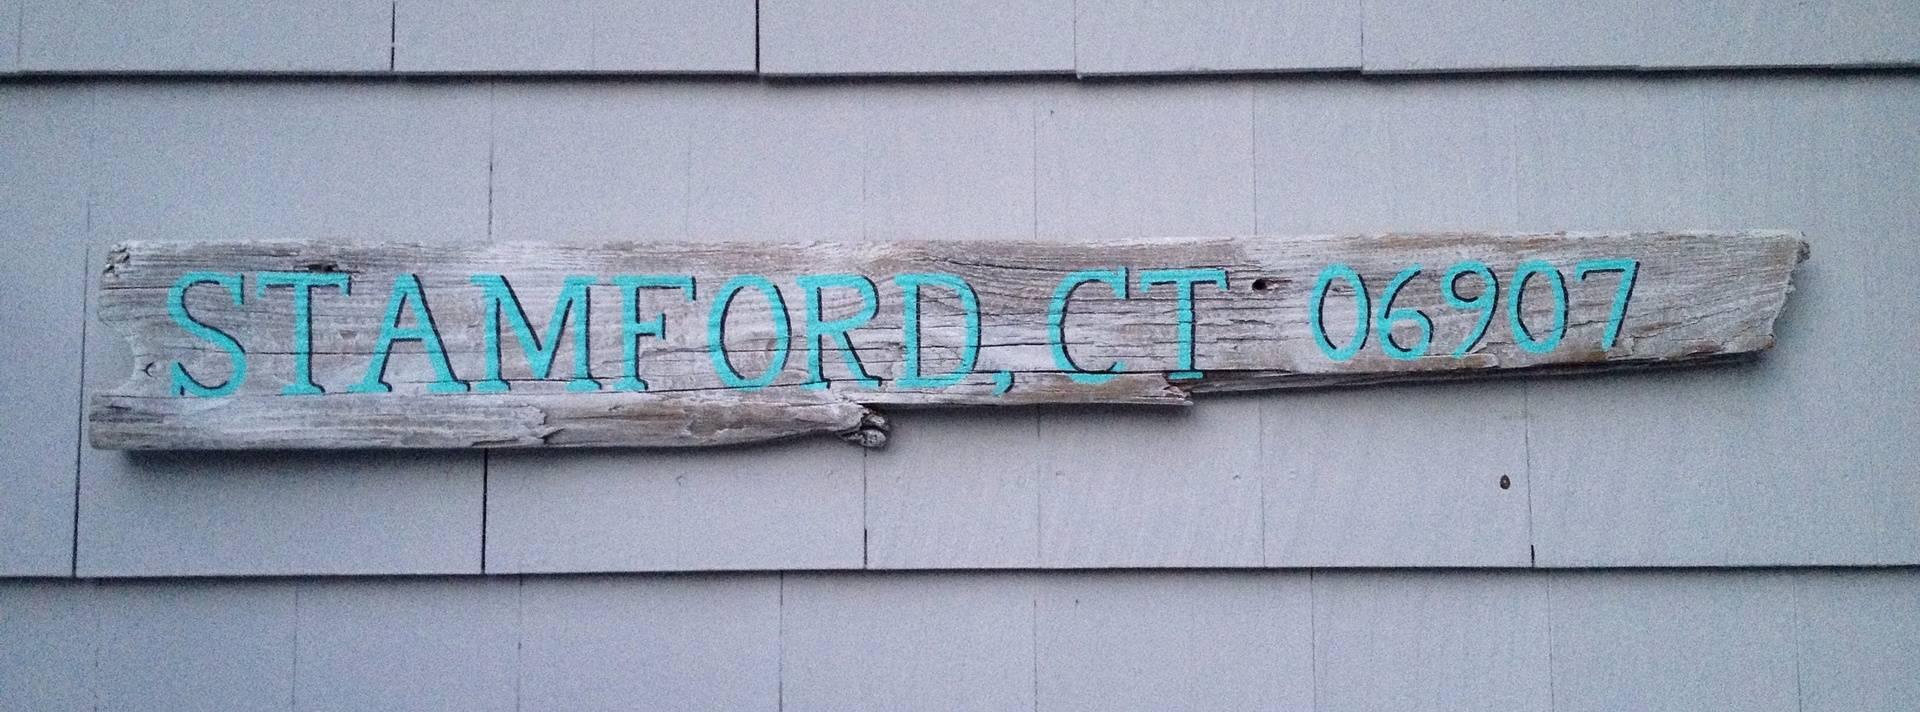 Stamford, Ct 06907